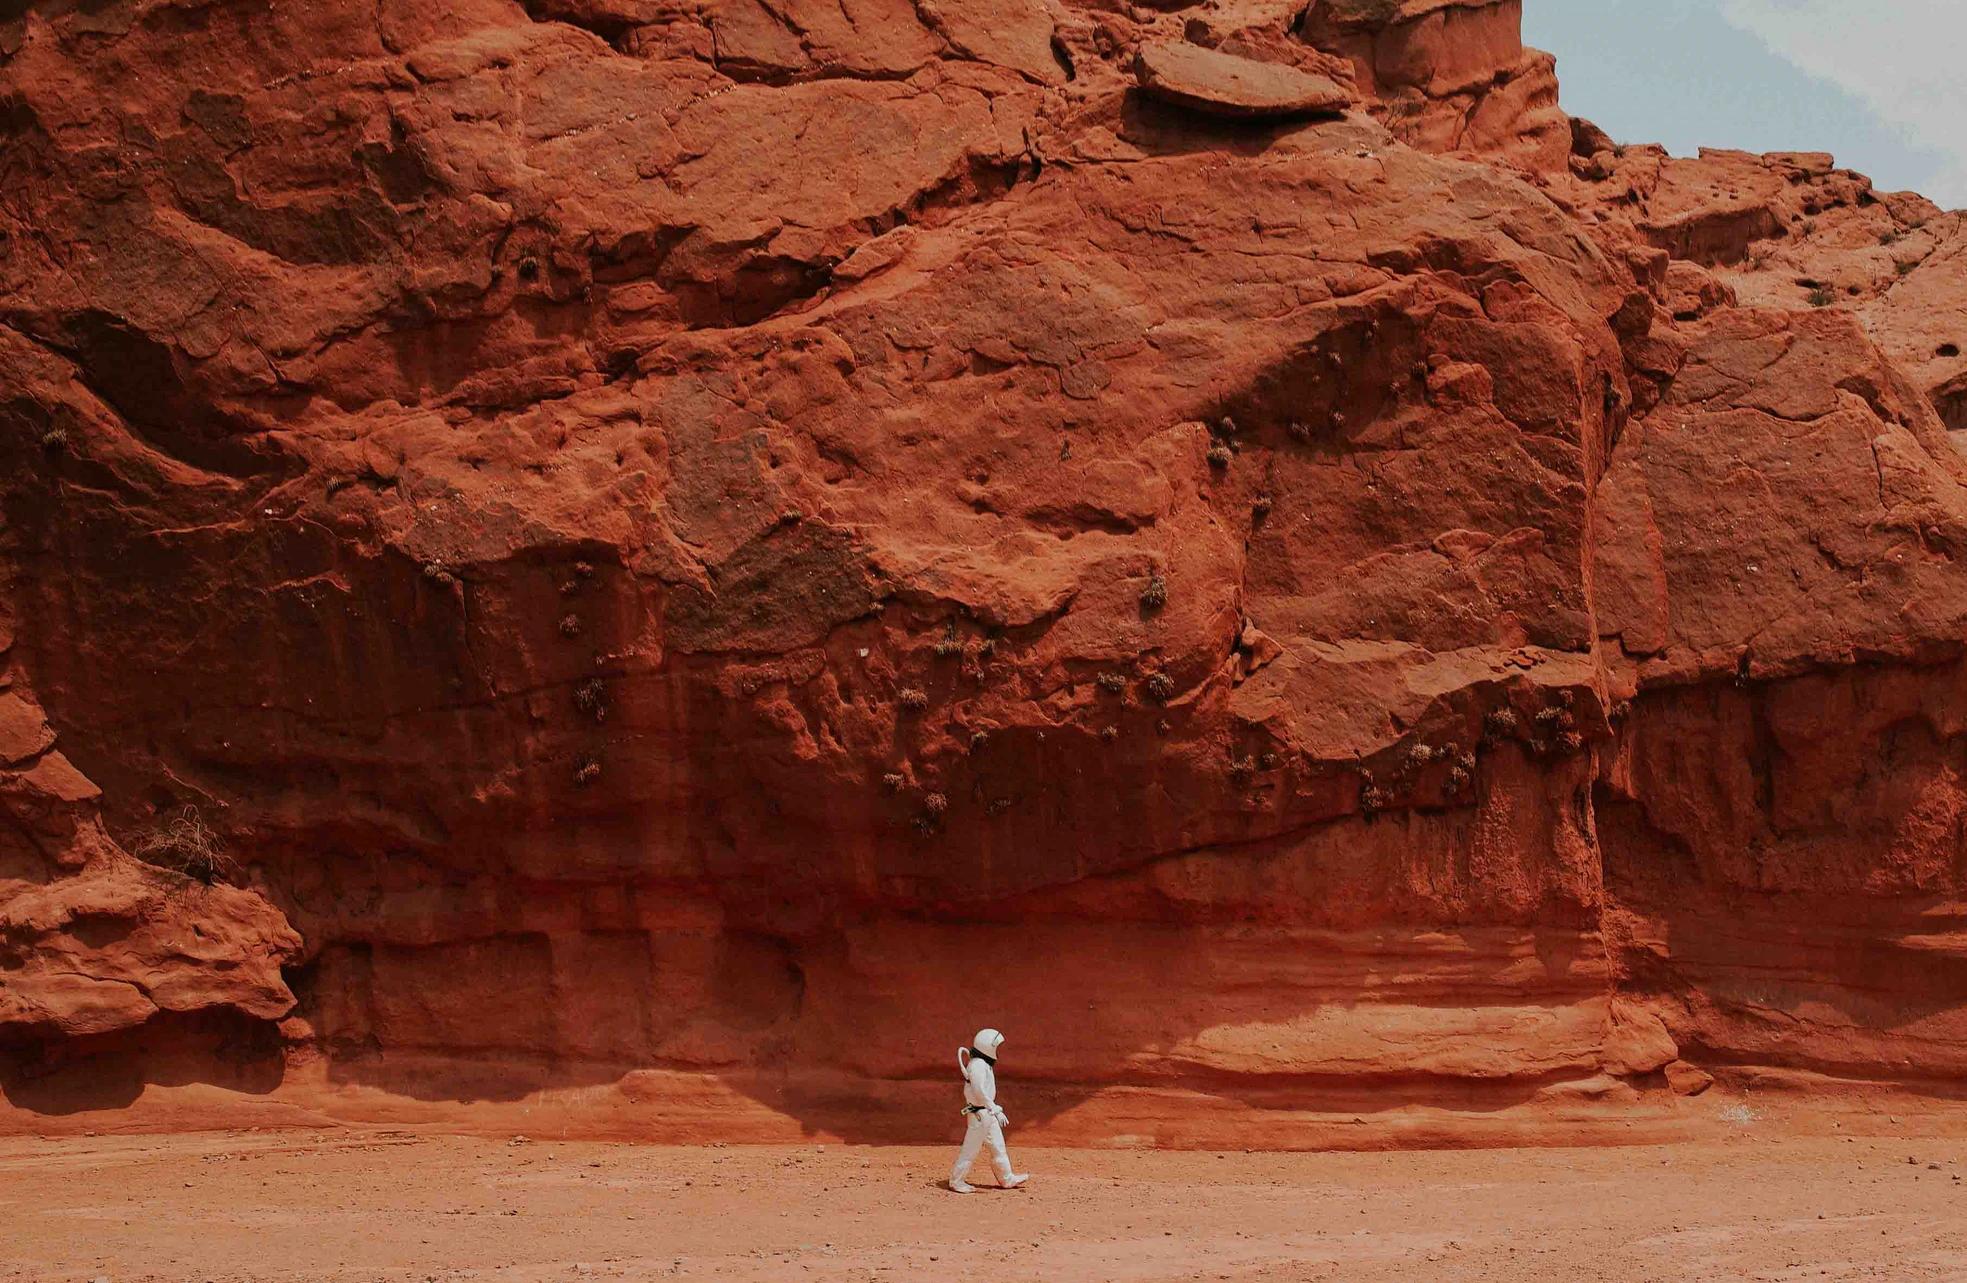 Марсианские хроники: первые снимки ночного неба и прогноз погоды из прошлого - 1